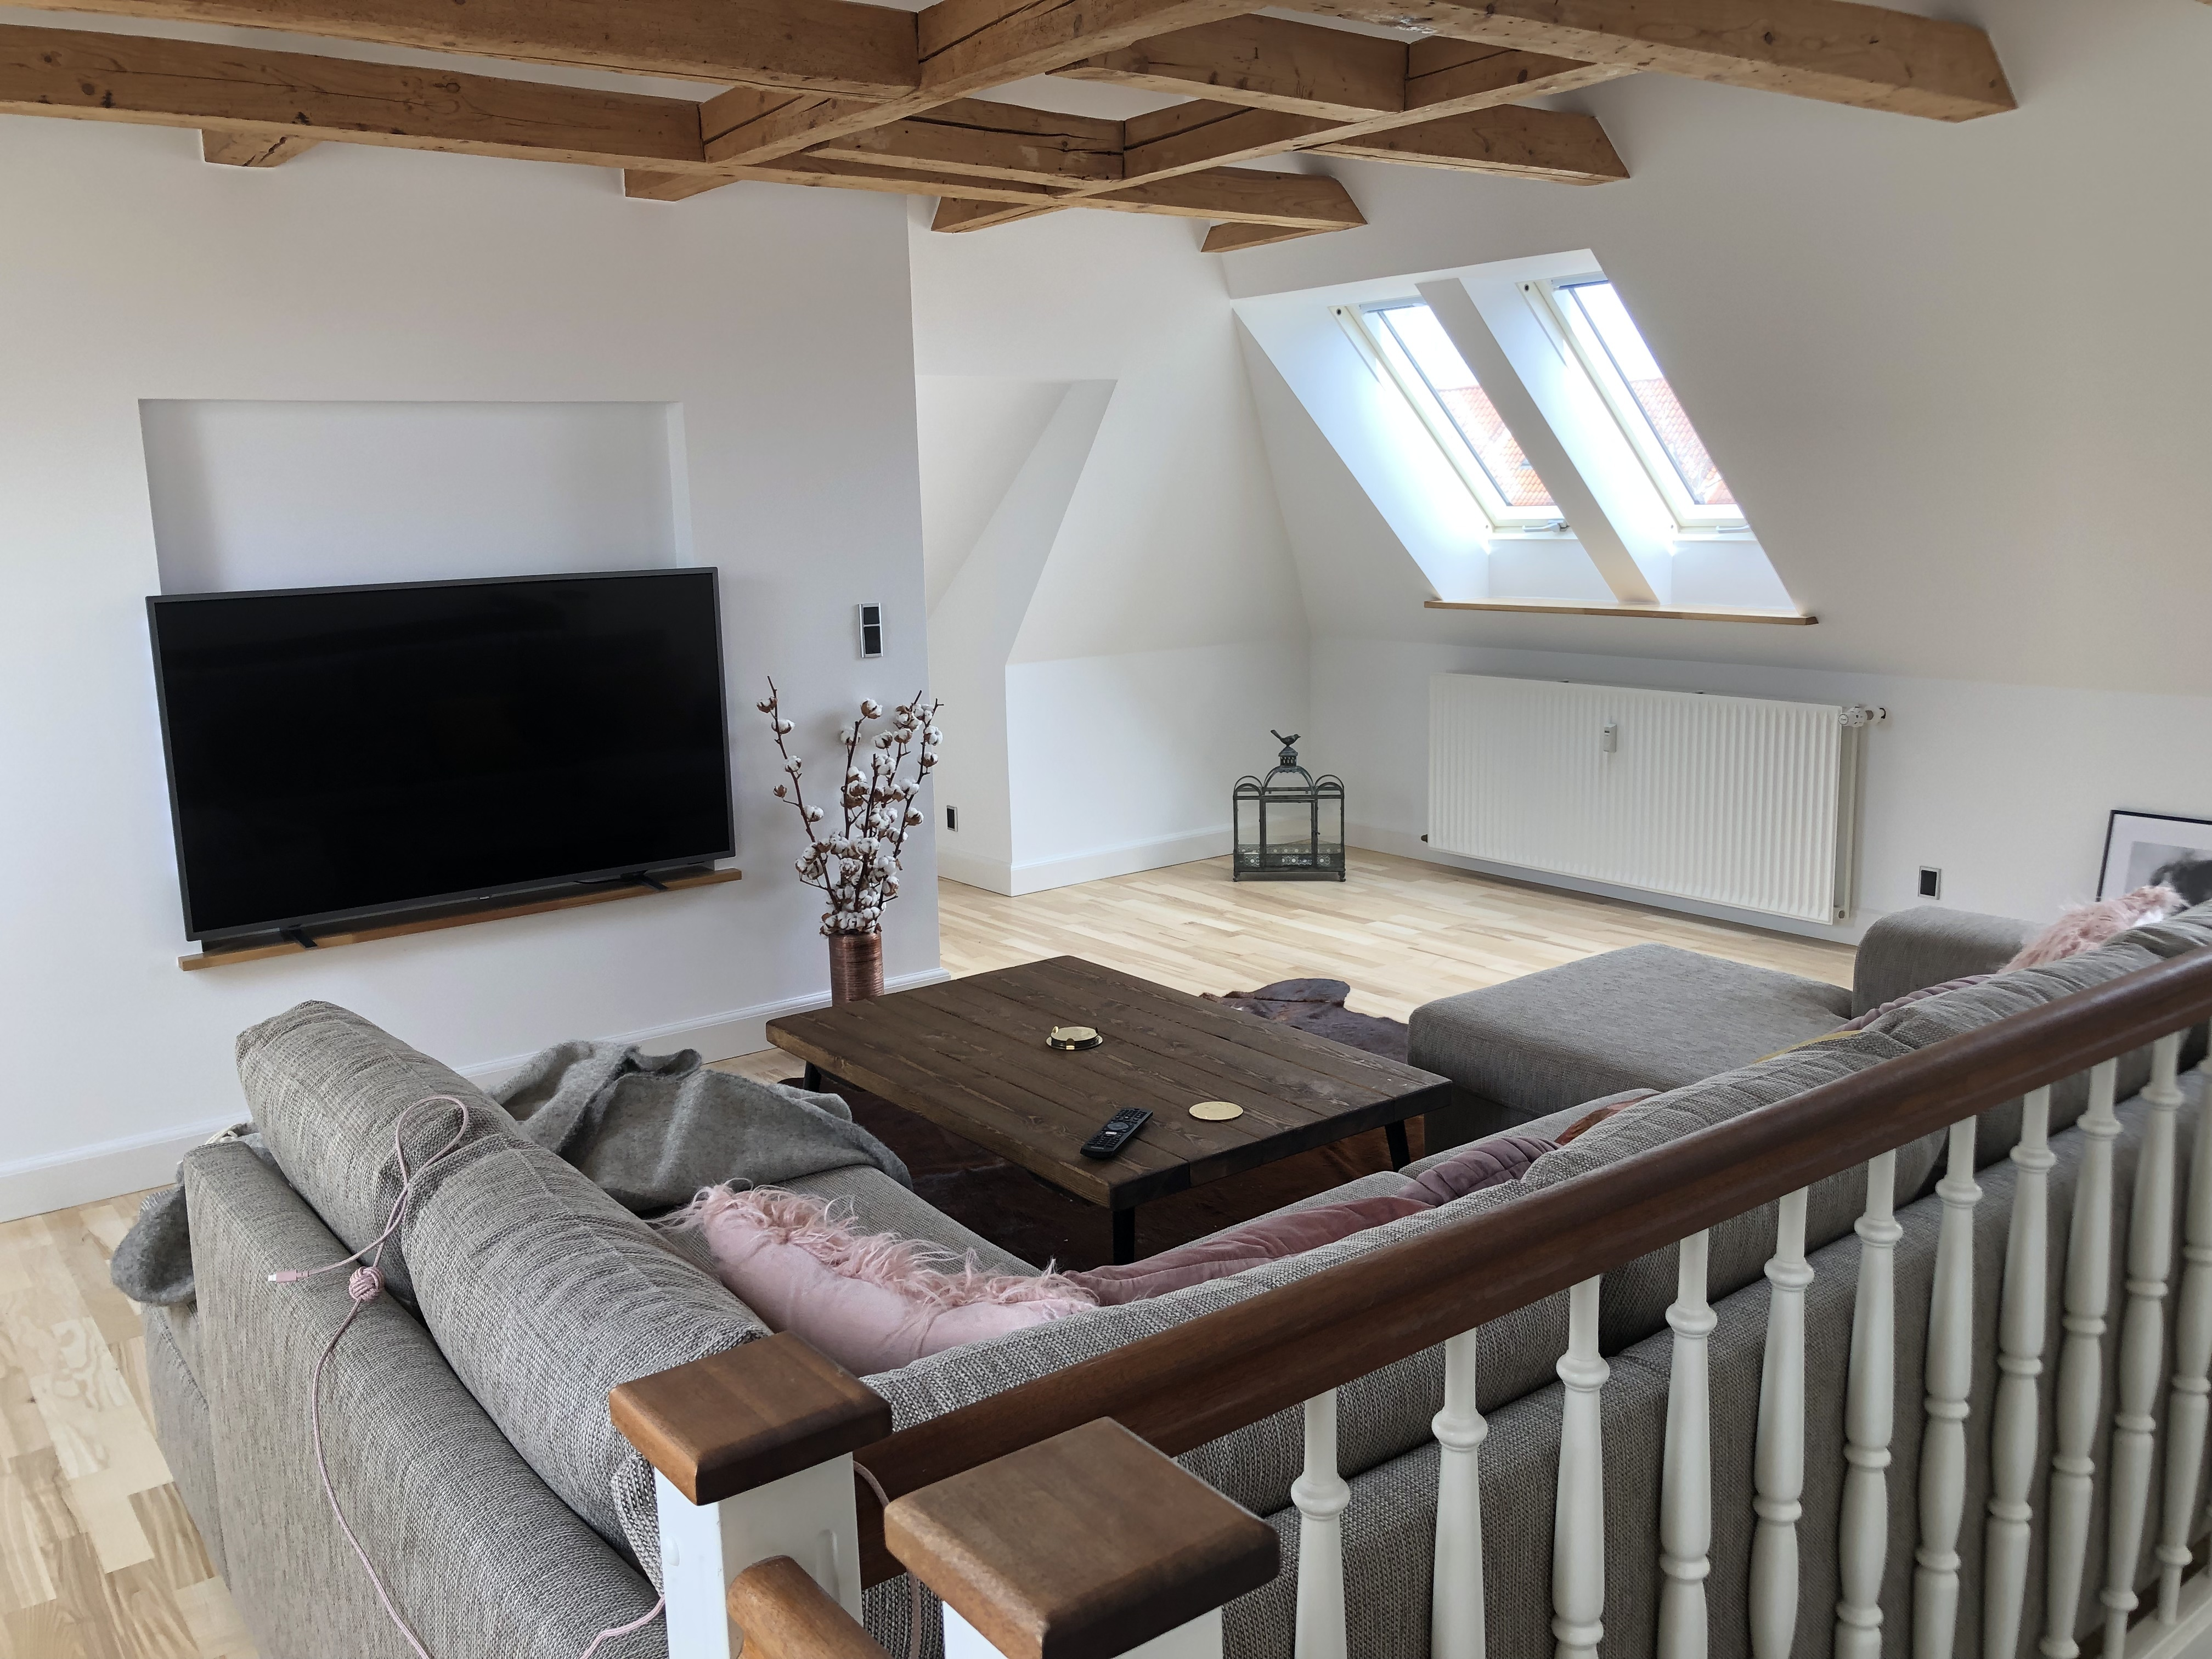 Fint værelse i stor lækker lejlighed